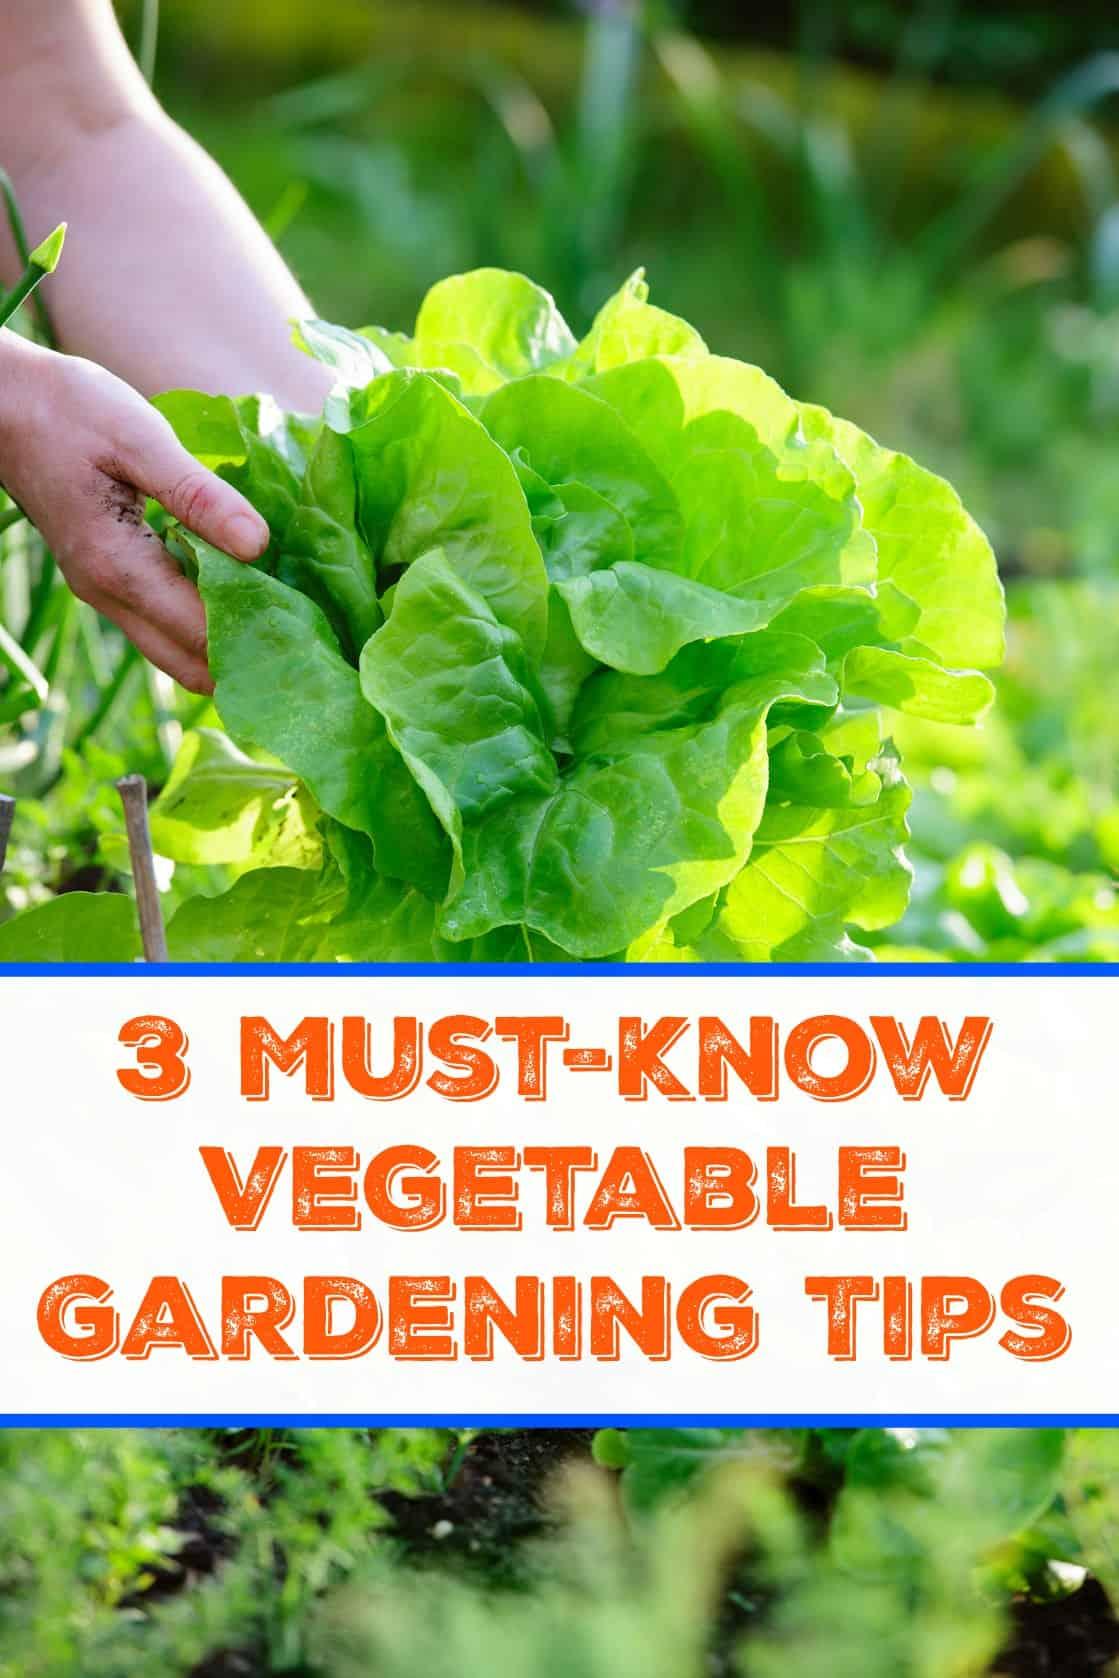 3 Must Know Veggie Garden Tips